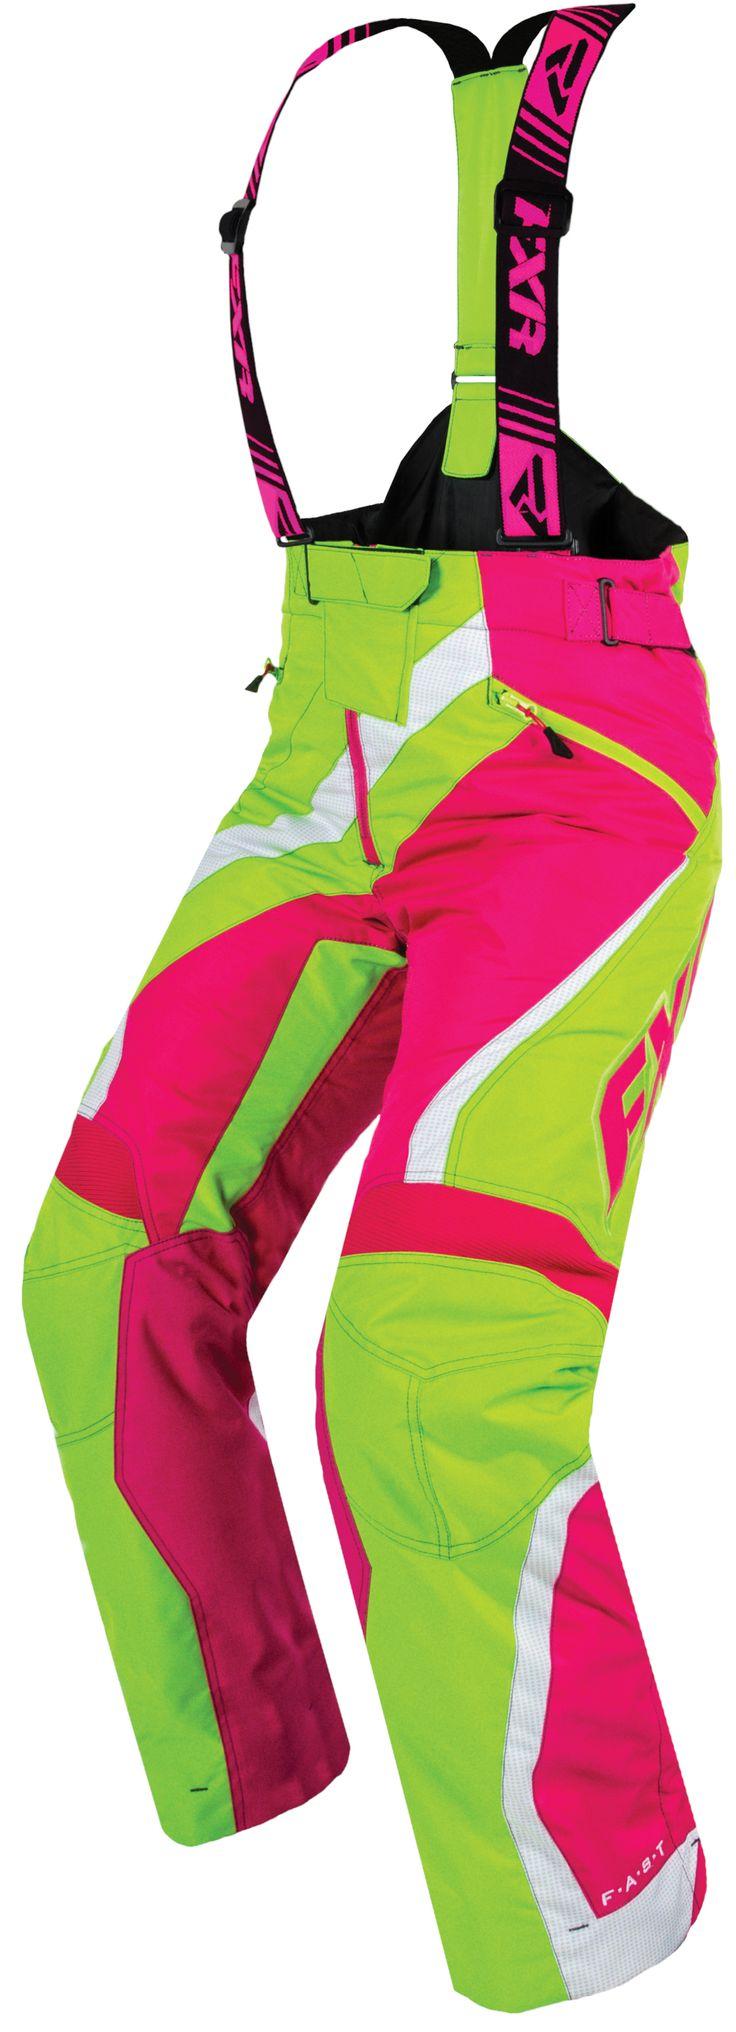 Fxr women's team jacket (2015)